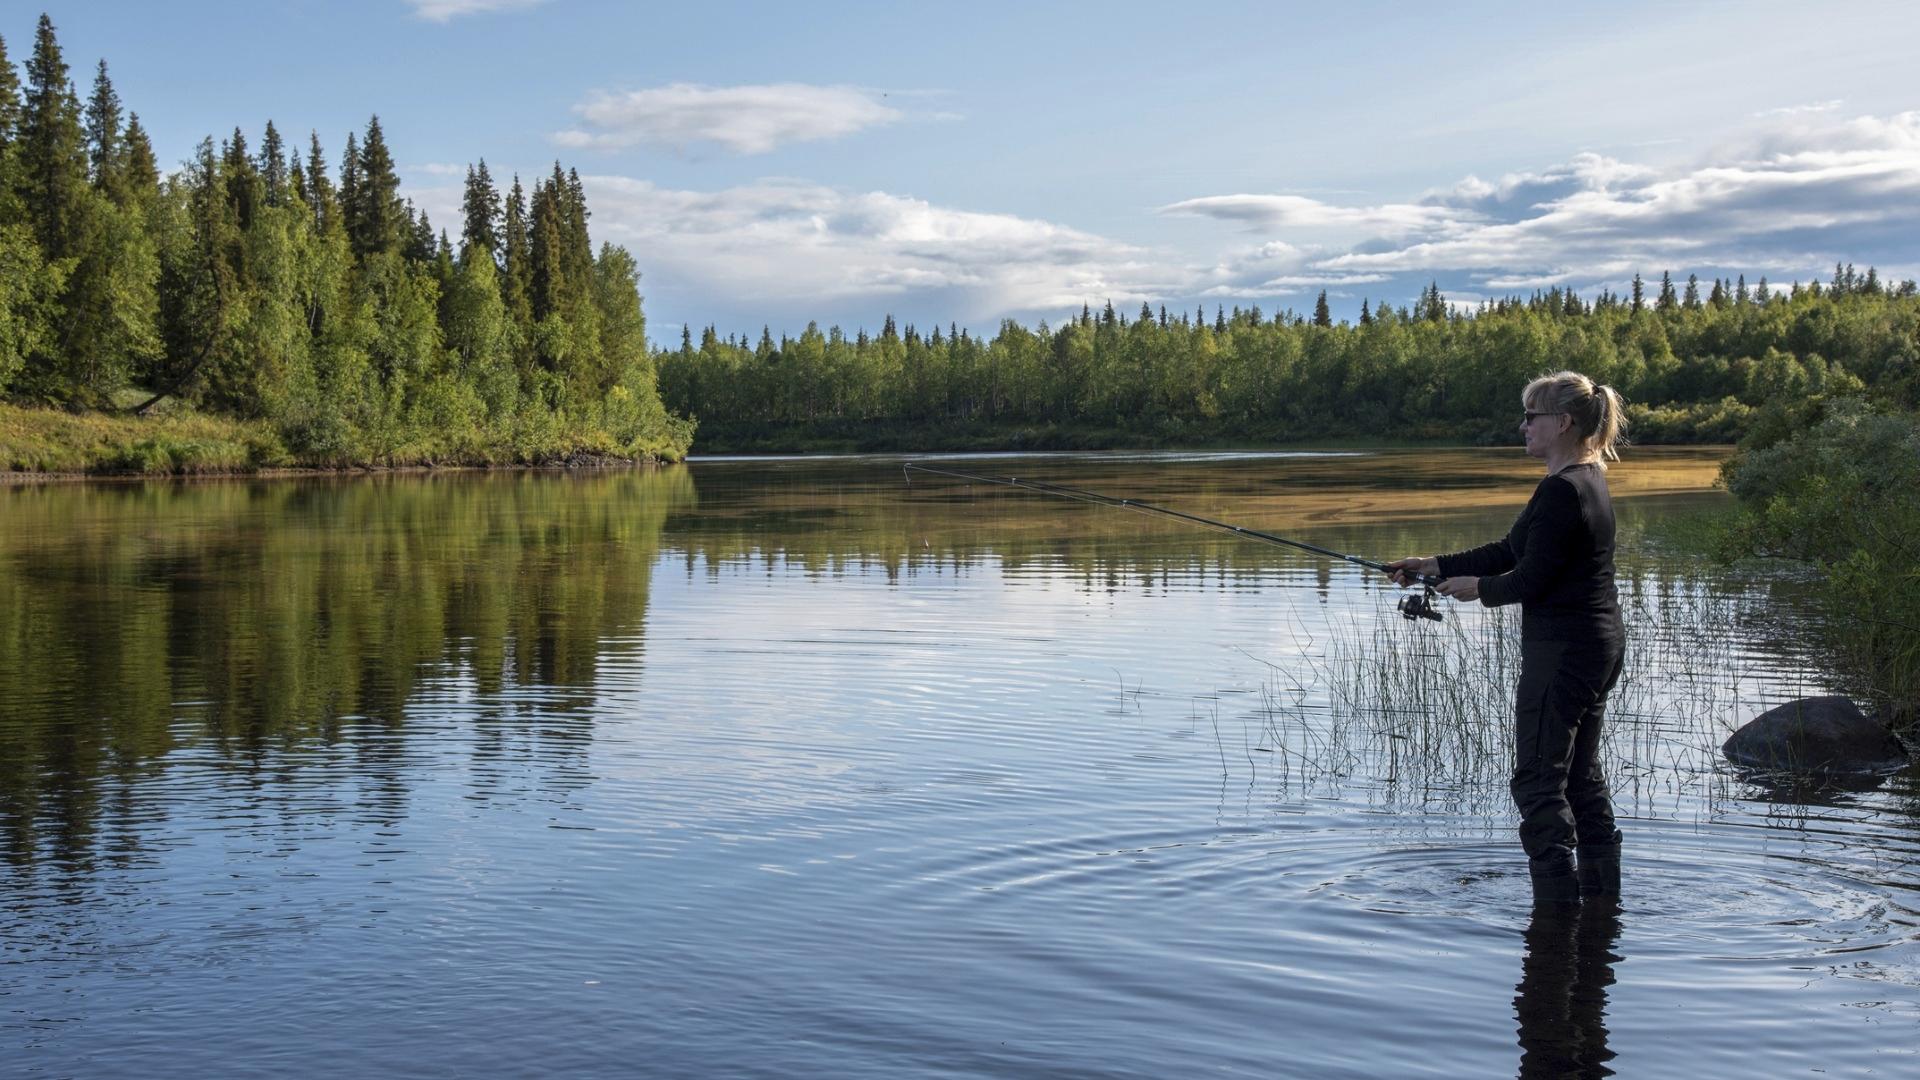 Joka kuudes suomalainen oli kalastanut viimeisen puolen vuoden aikana.Viidennes oli kalastanut vuoden sisään.